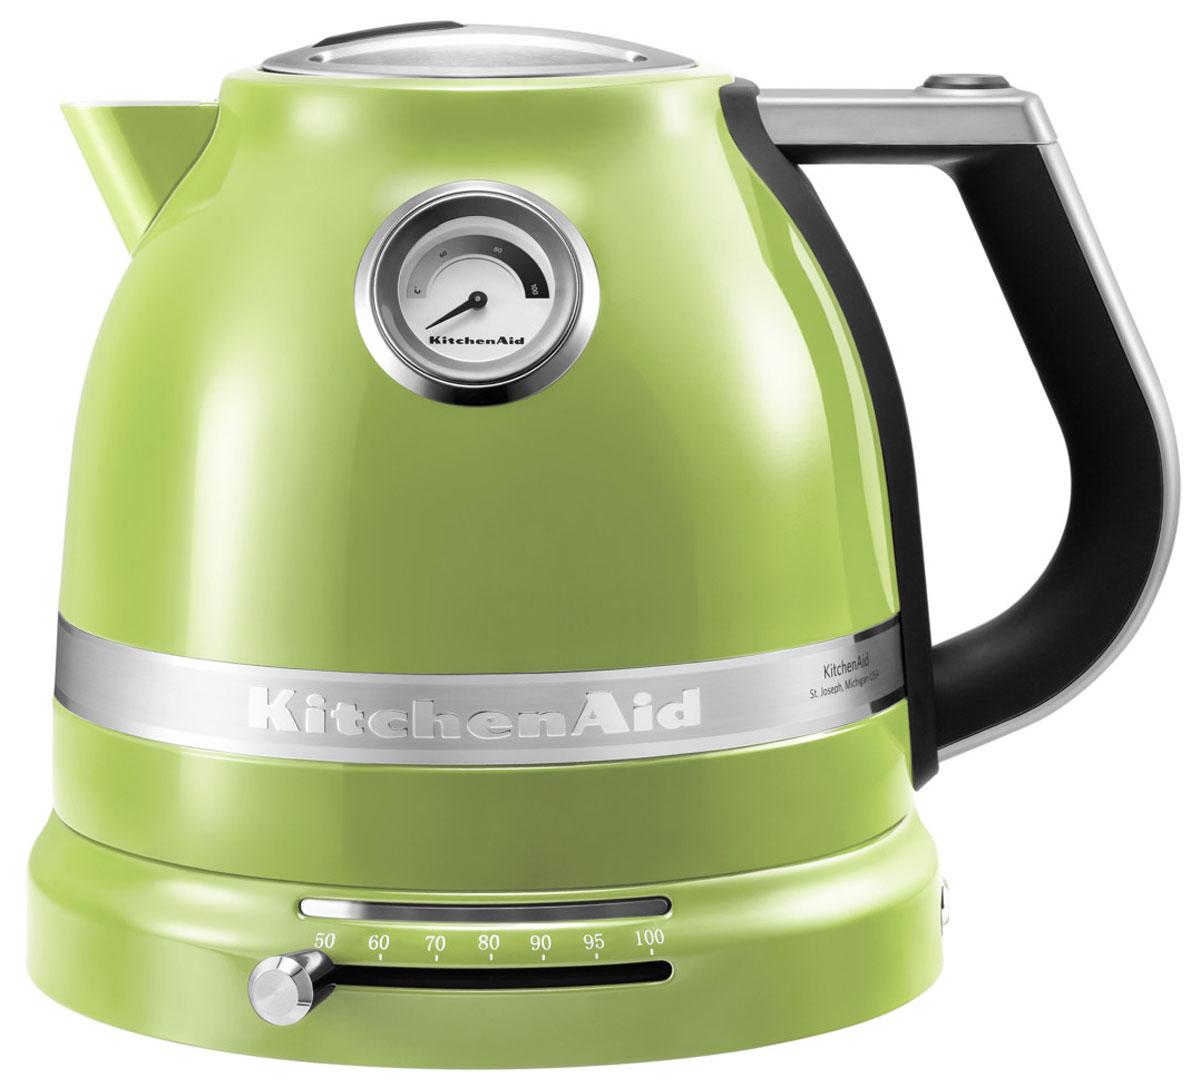 KitchenAid Artisan (5KEK1522EGA), Green электрочайник5KEK1522EGAЭлектрический чайник KitchenAid ARTISAN объемом 1,5 литра – это новое слово в бытовой технике. Великолепные формы, эргономичность и элегантность – лучший образец, который обязательно должен быть на любой кухне. Выпить чашку чая с KitchenAid ARTISAN – это доставить себе истинное наслаждение и удовольствие. Ценители чайного напитка прекрасно знают, что каждый вид чая требует своей температуры воды. Но добиться нужного нагрева с обычной моделью было невероятно сложно. Теперь все изменилось: с двустенным электрическим чайником KitchenAid ARTISAN объемом 1,5 литра вы можете: выбирать нужную температуру нагрева от 50 до 100 градусов; поддерживать воду горячей в течение всей чайной церемонии; видеть температуру воды даже тогда, когда чайник не стоит на своей платформе; не ждать любимого напитка дольше положенного – этот прибор нагревает воду моментально.